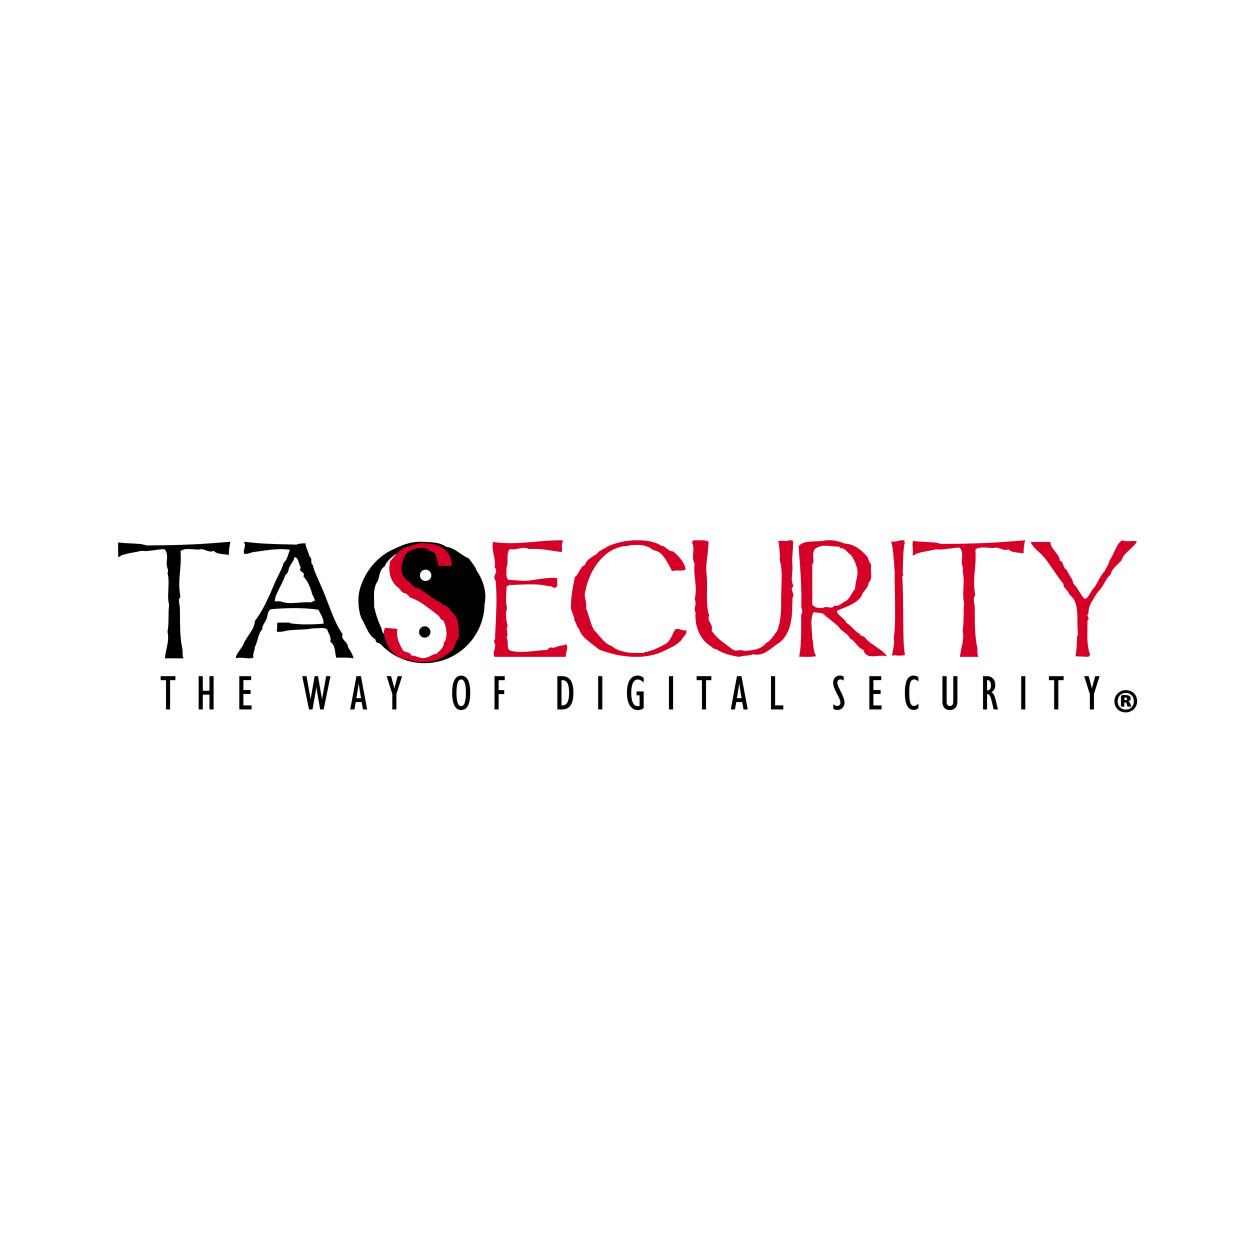 TaoSecurity Way of Digital Security